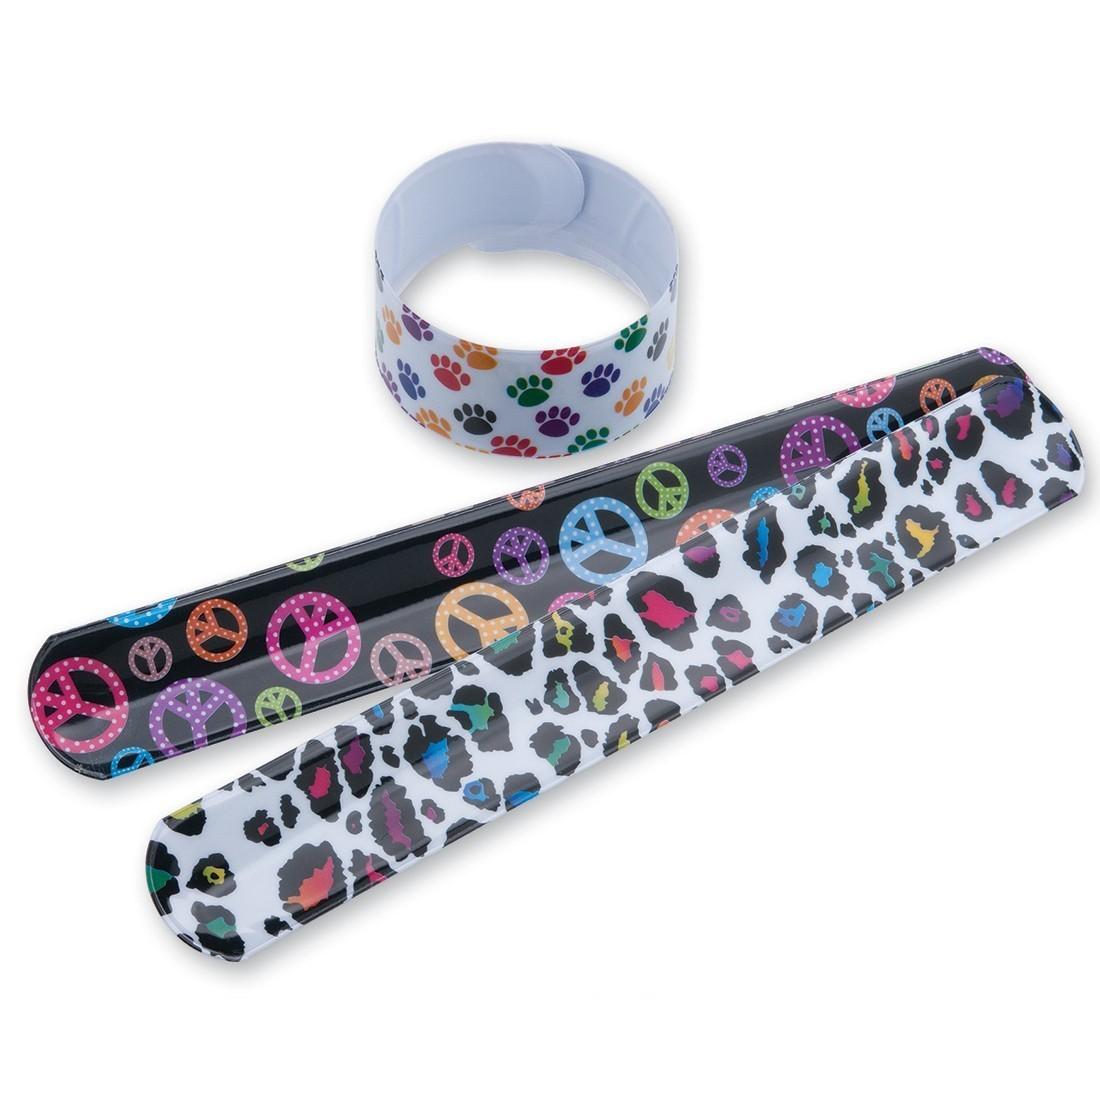 Wild Pattern Slap Bracelets [image]